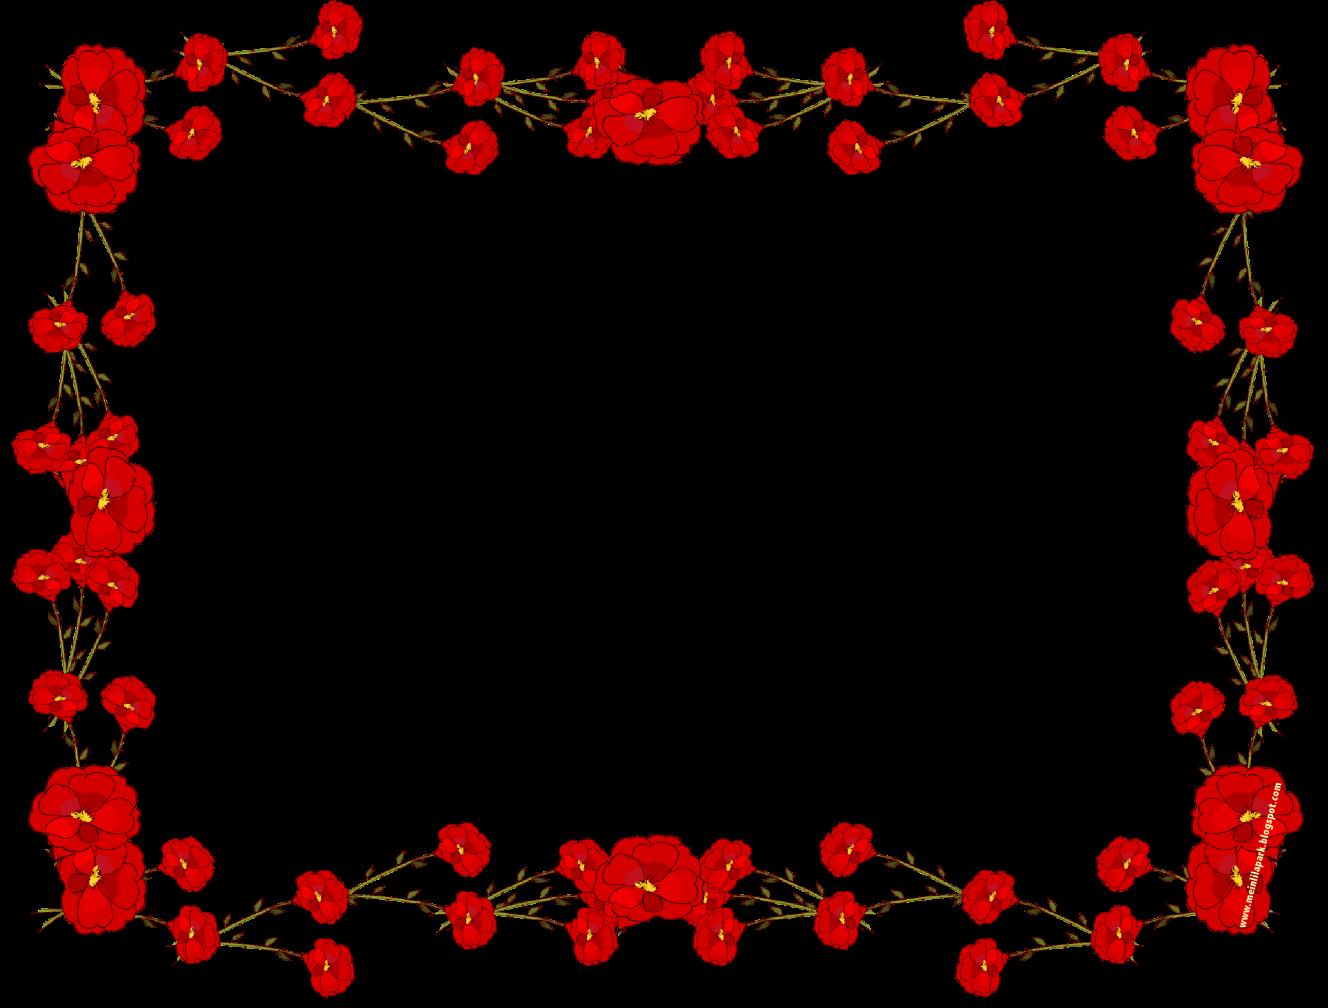 Flower Photo Frames For Mac - insidereverything's blog